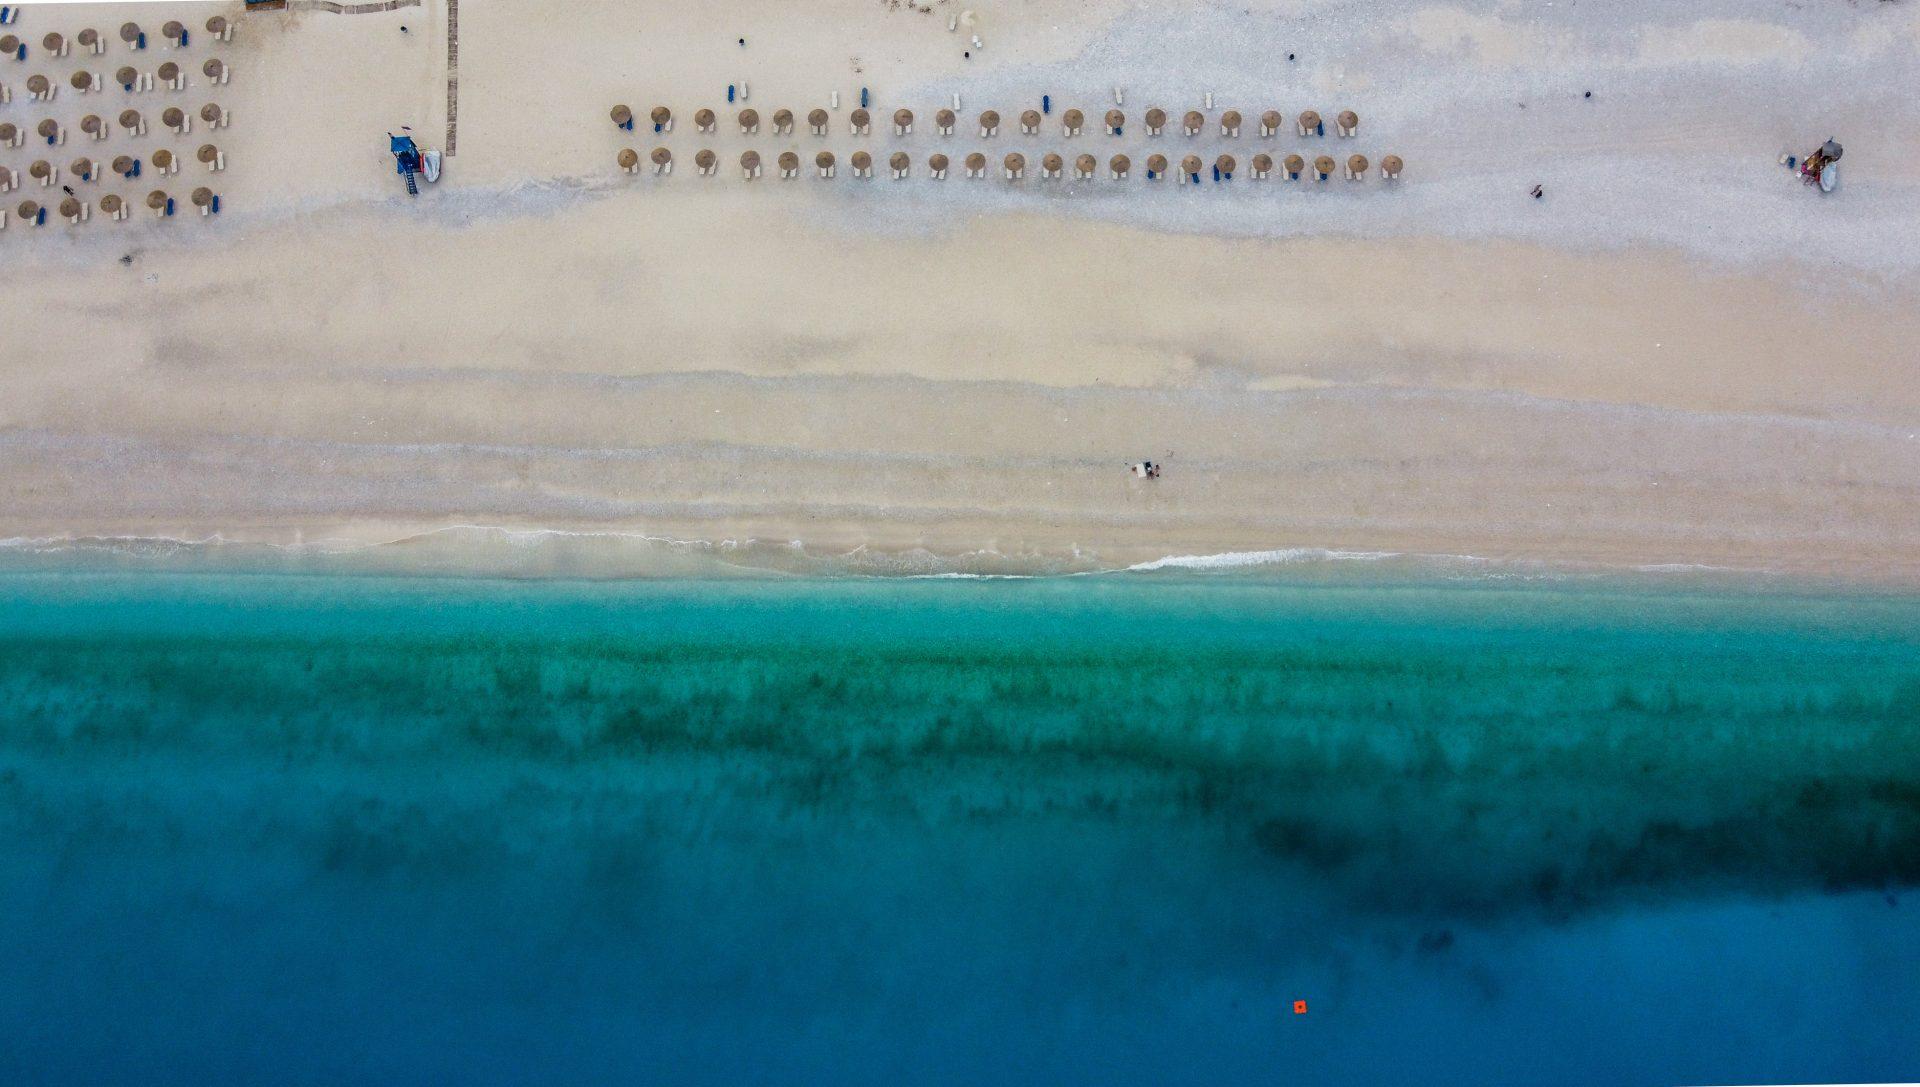 Η παραλία του Μύρτου στην Κεφαλονιά